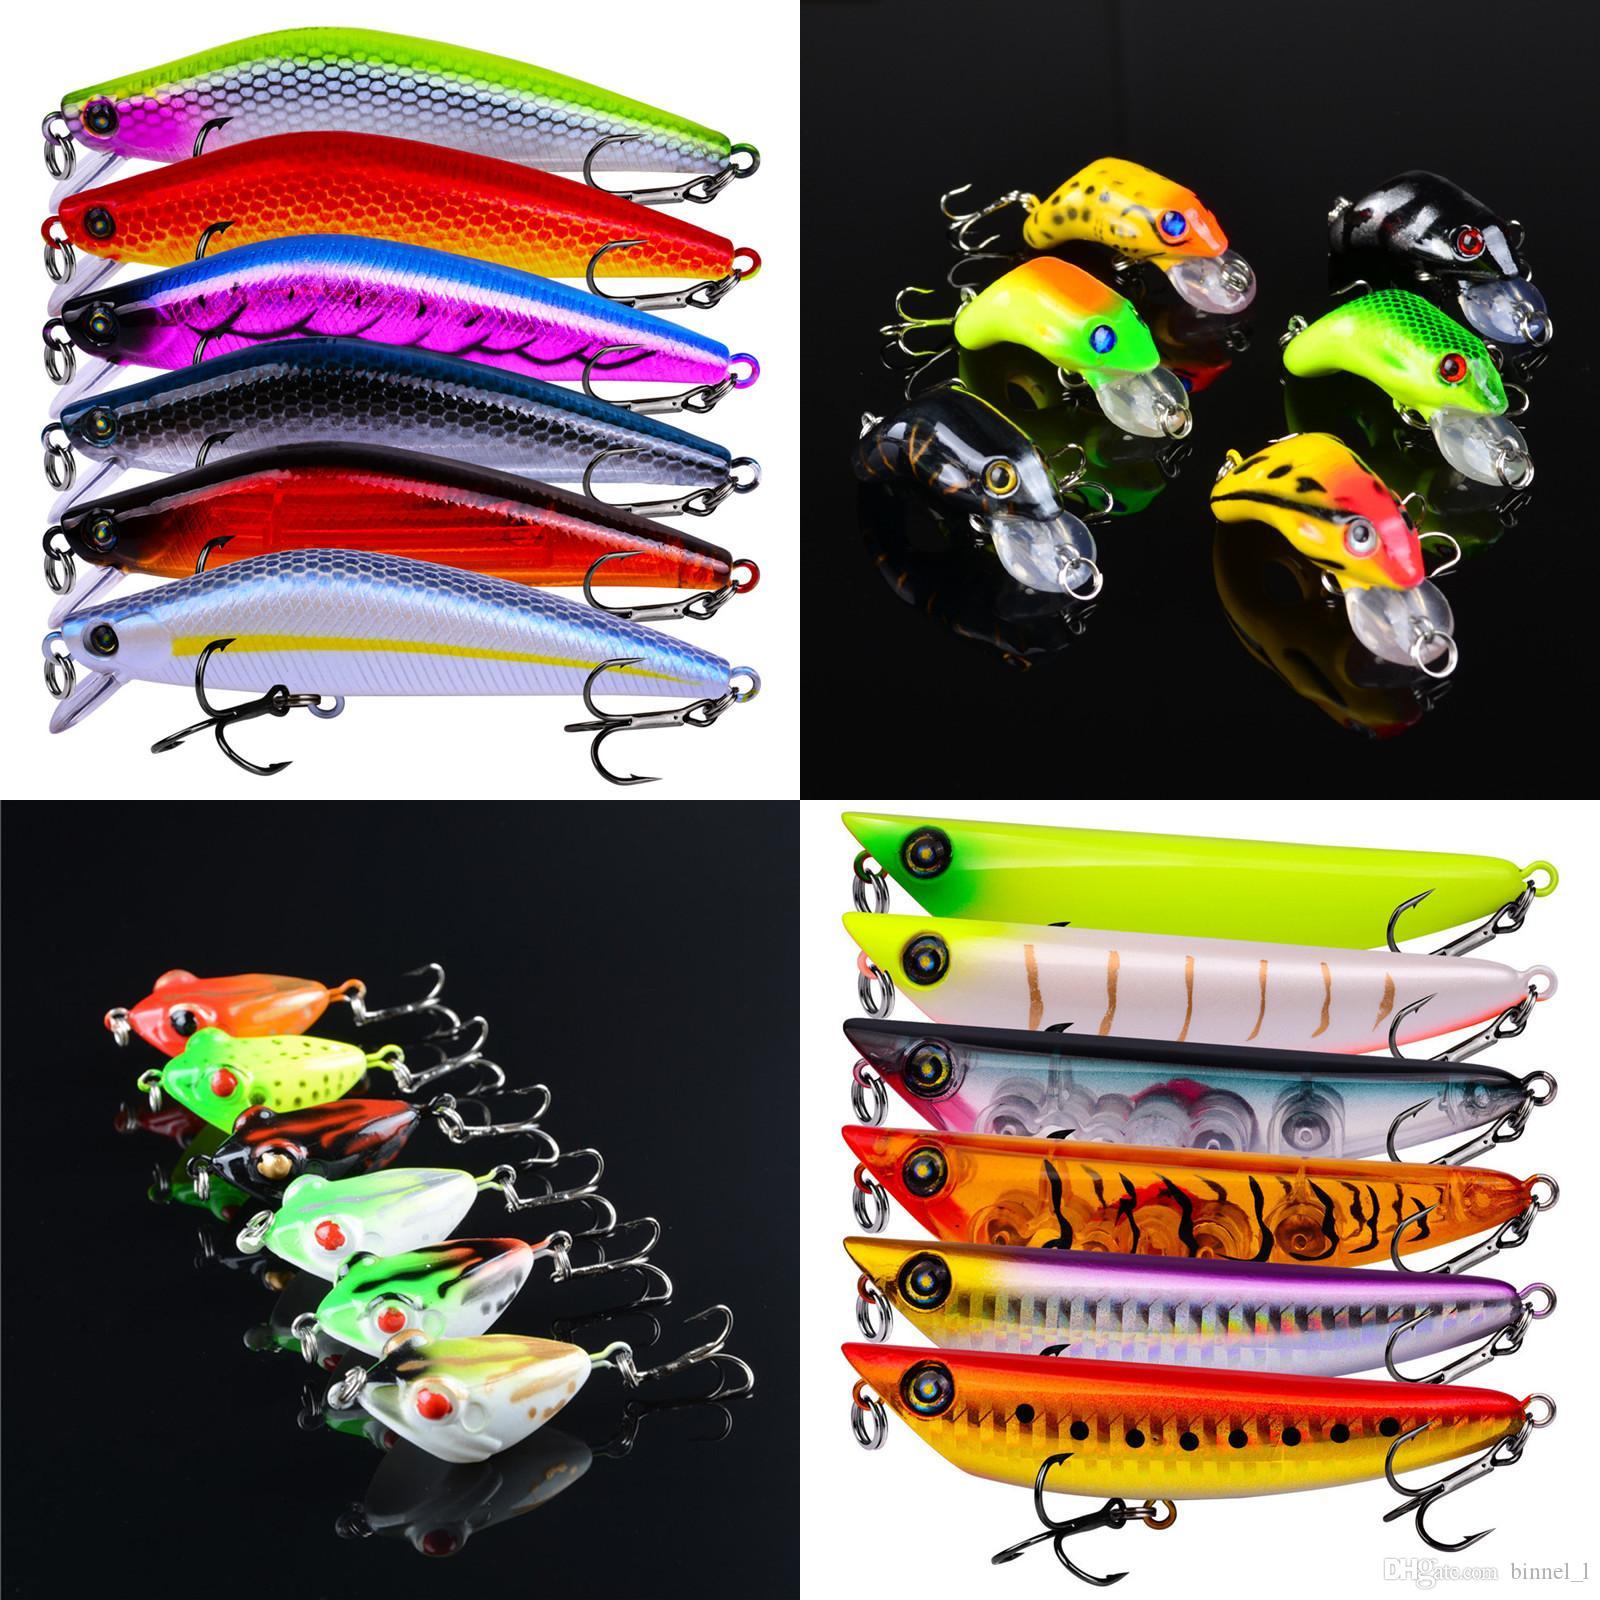 6 mezclados color 4-14.15g duros de plástico Cebos Señuelos 8/6/4 # gancho de pesca Ganchos anzuelos Cebo artificial Pesca Caza y Pesca Accesorios